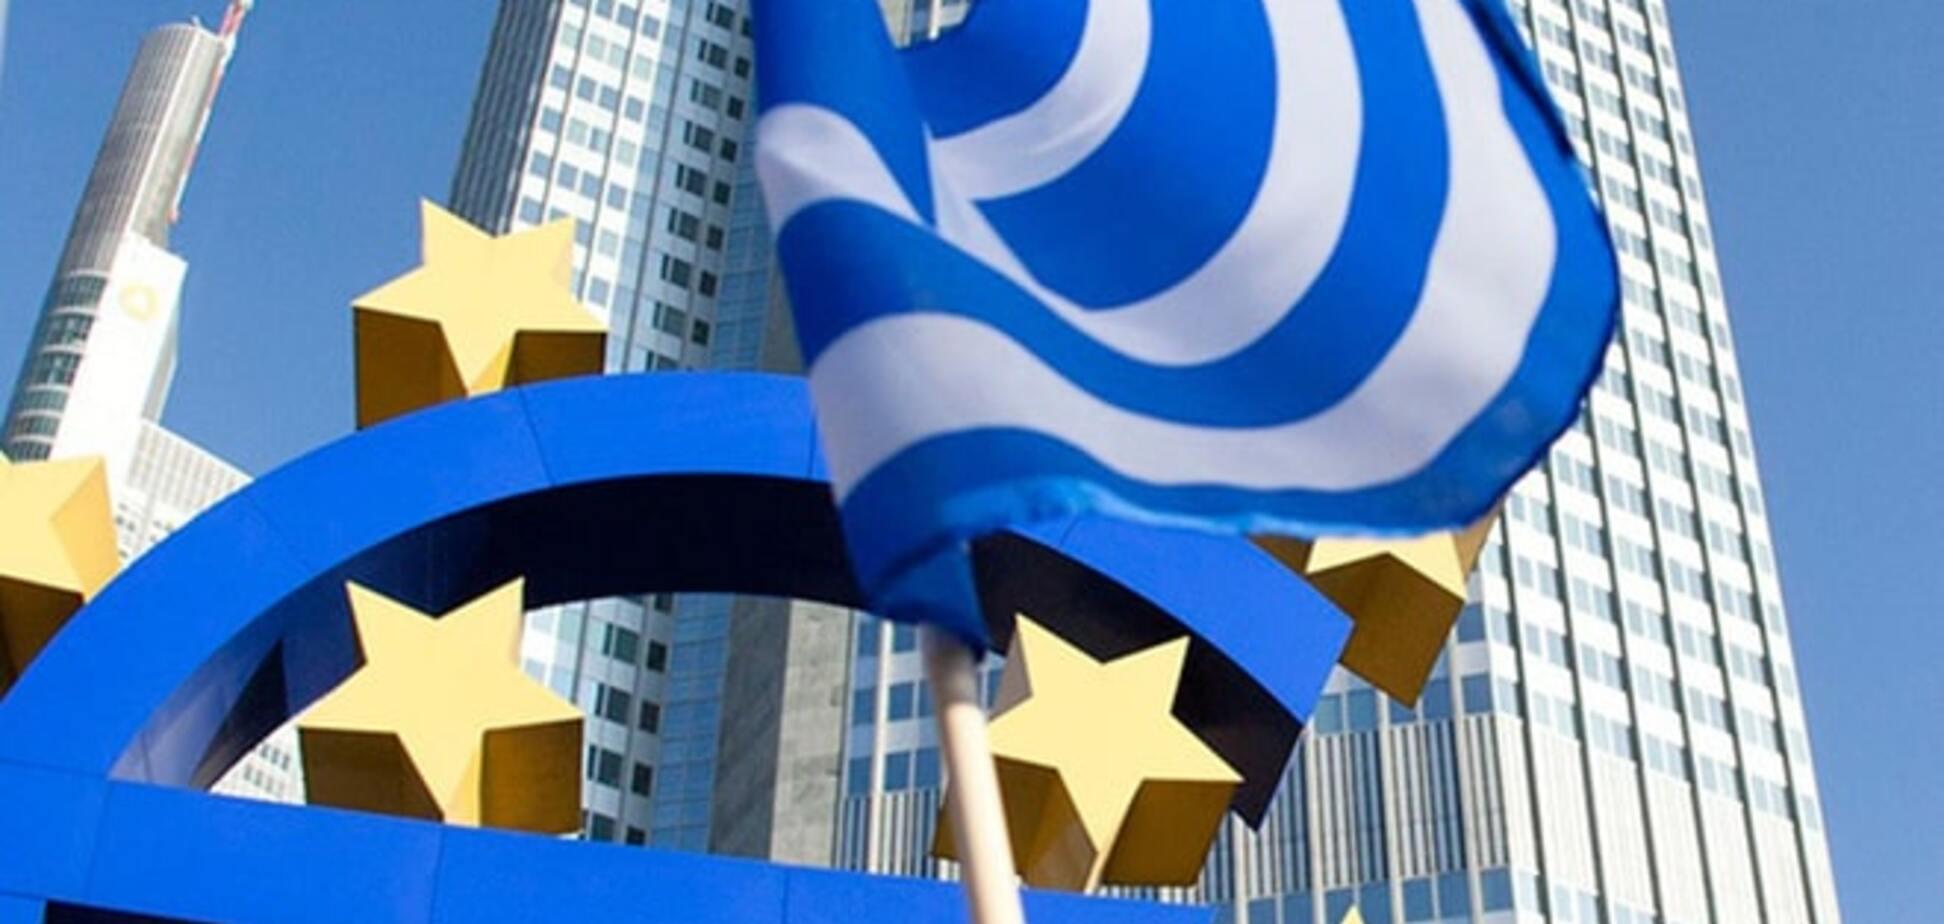 Спасаются как могут. Греки приняли условия помощи ЕС стоимостью €85 млрд